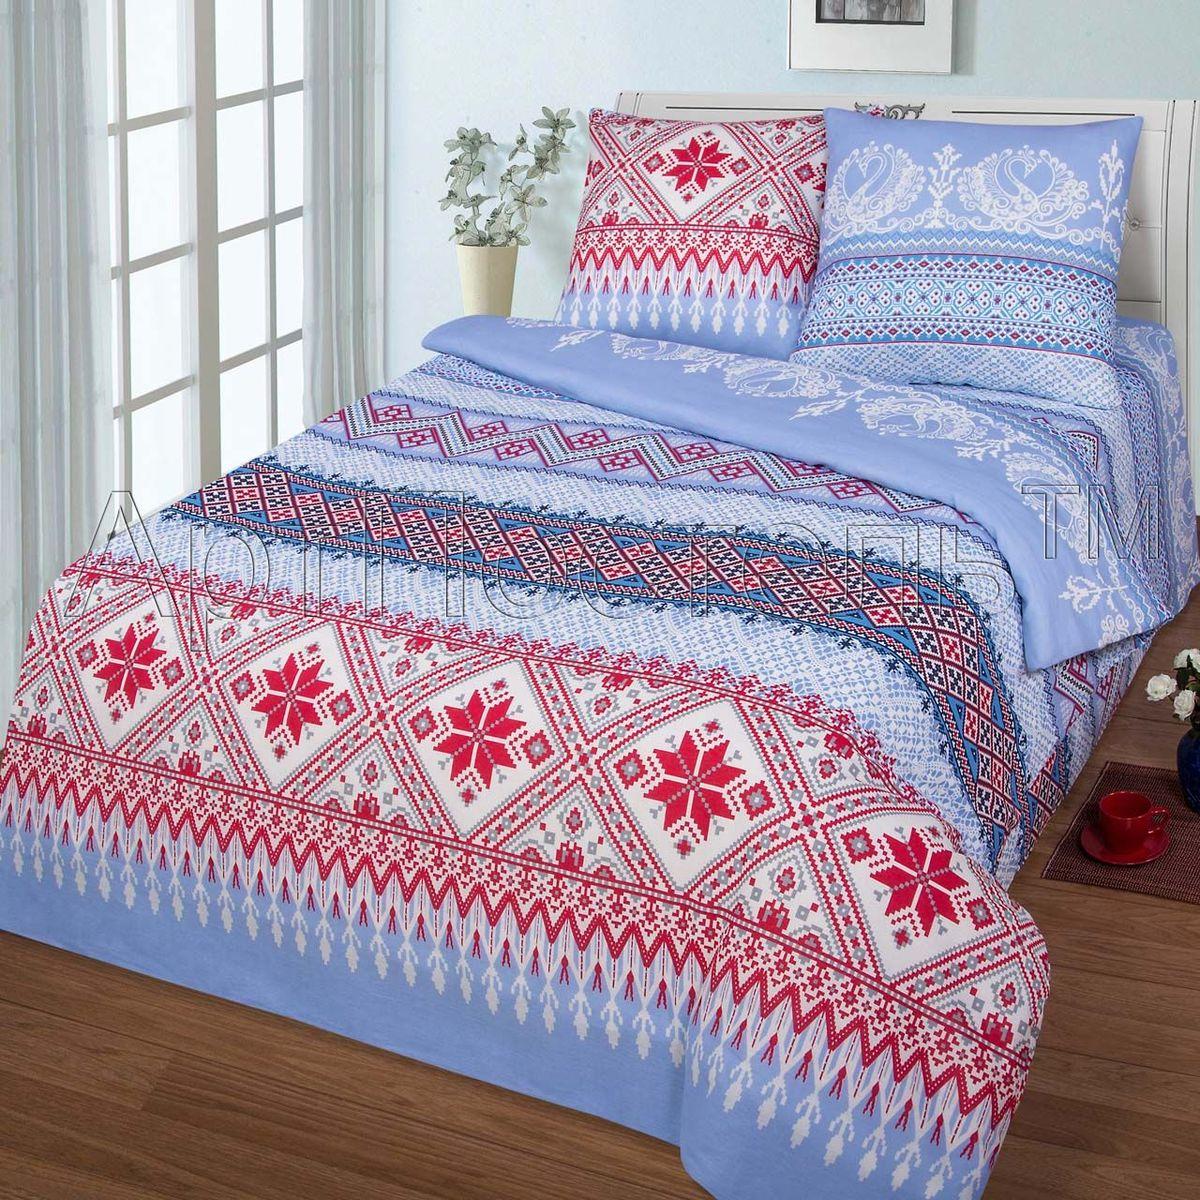 Комплект белья Шоколад Орнамент, 1,5-спальный, наволочки 70x70. Б100Б100